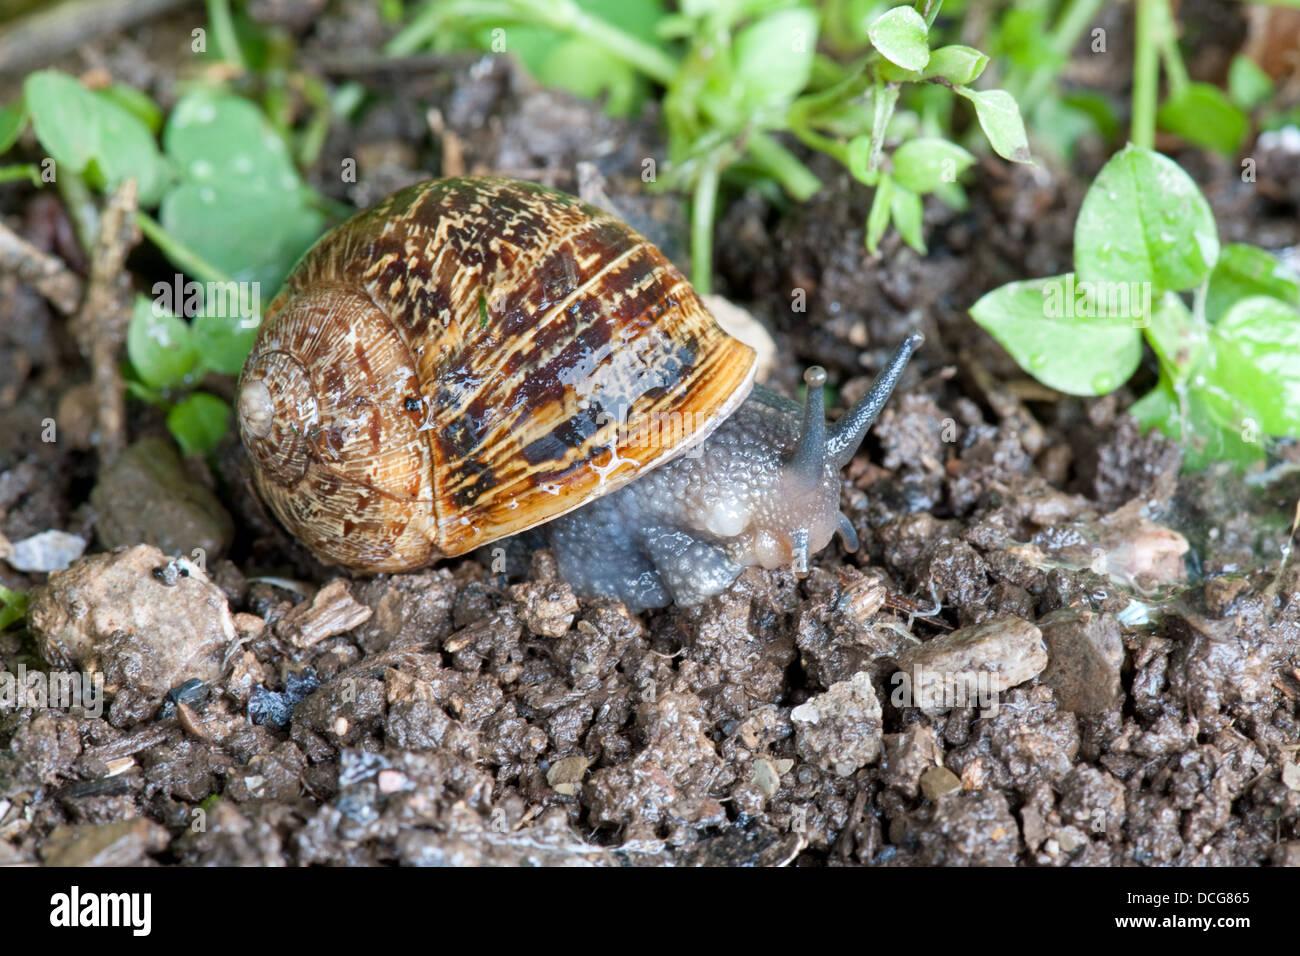 A common British garden snail muches it way through a Devon UK garden. - Stock Image